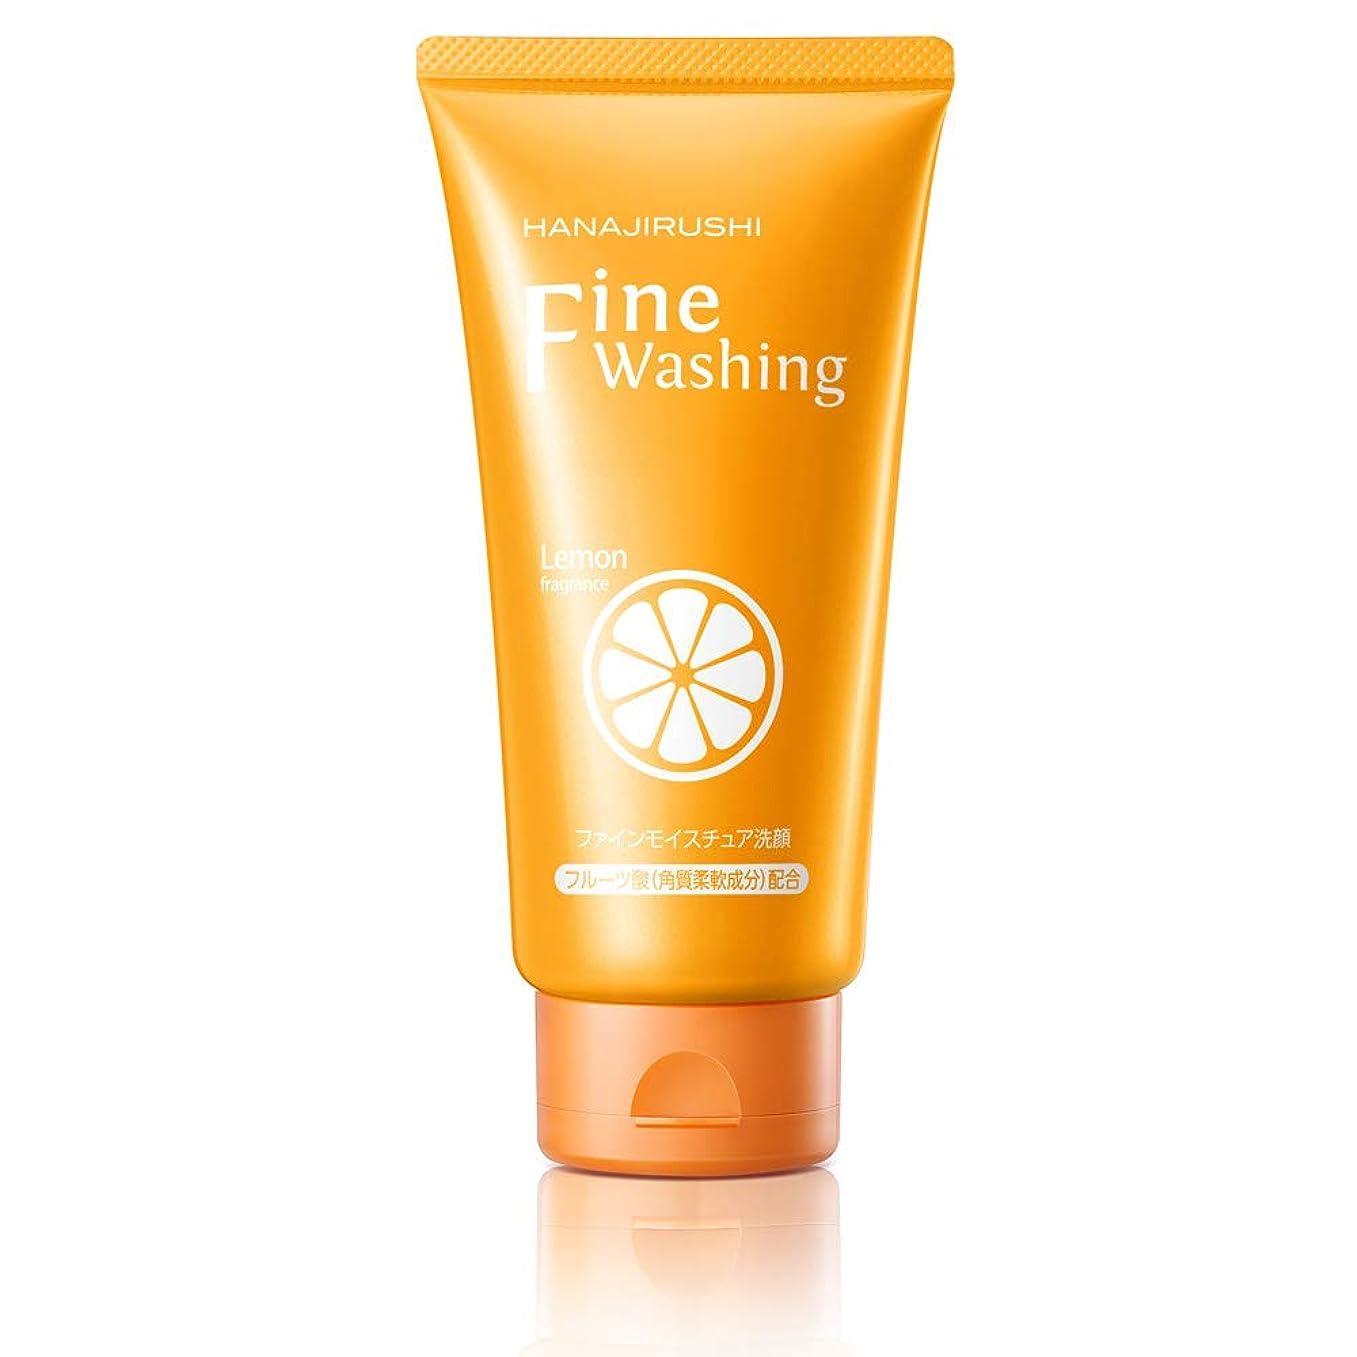 本体ごみヶ月目花印 ビタミンC誘導体配合 ホワイト洗顔フォーム120g シミ?くすみ対策